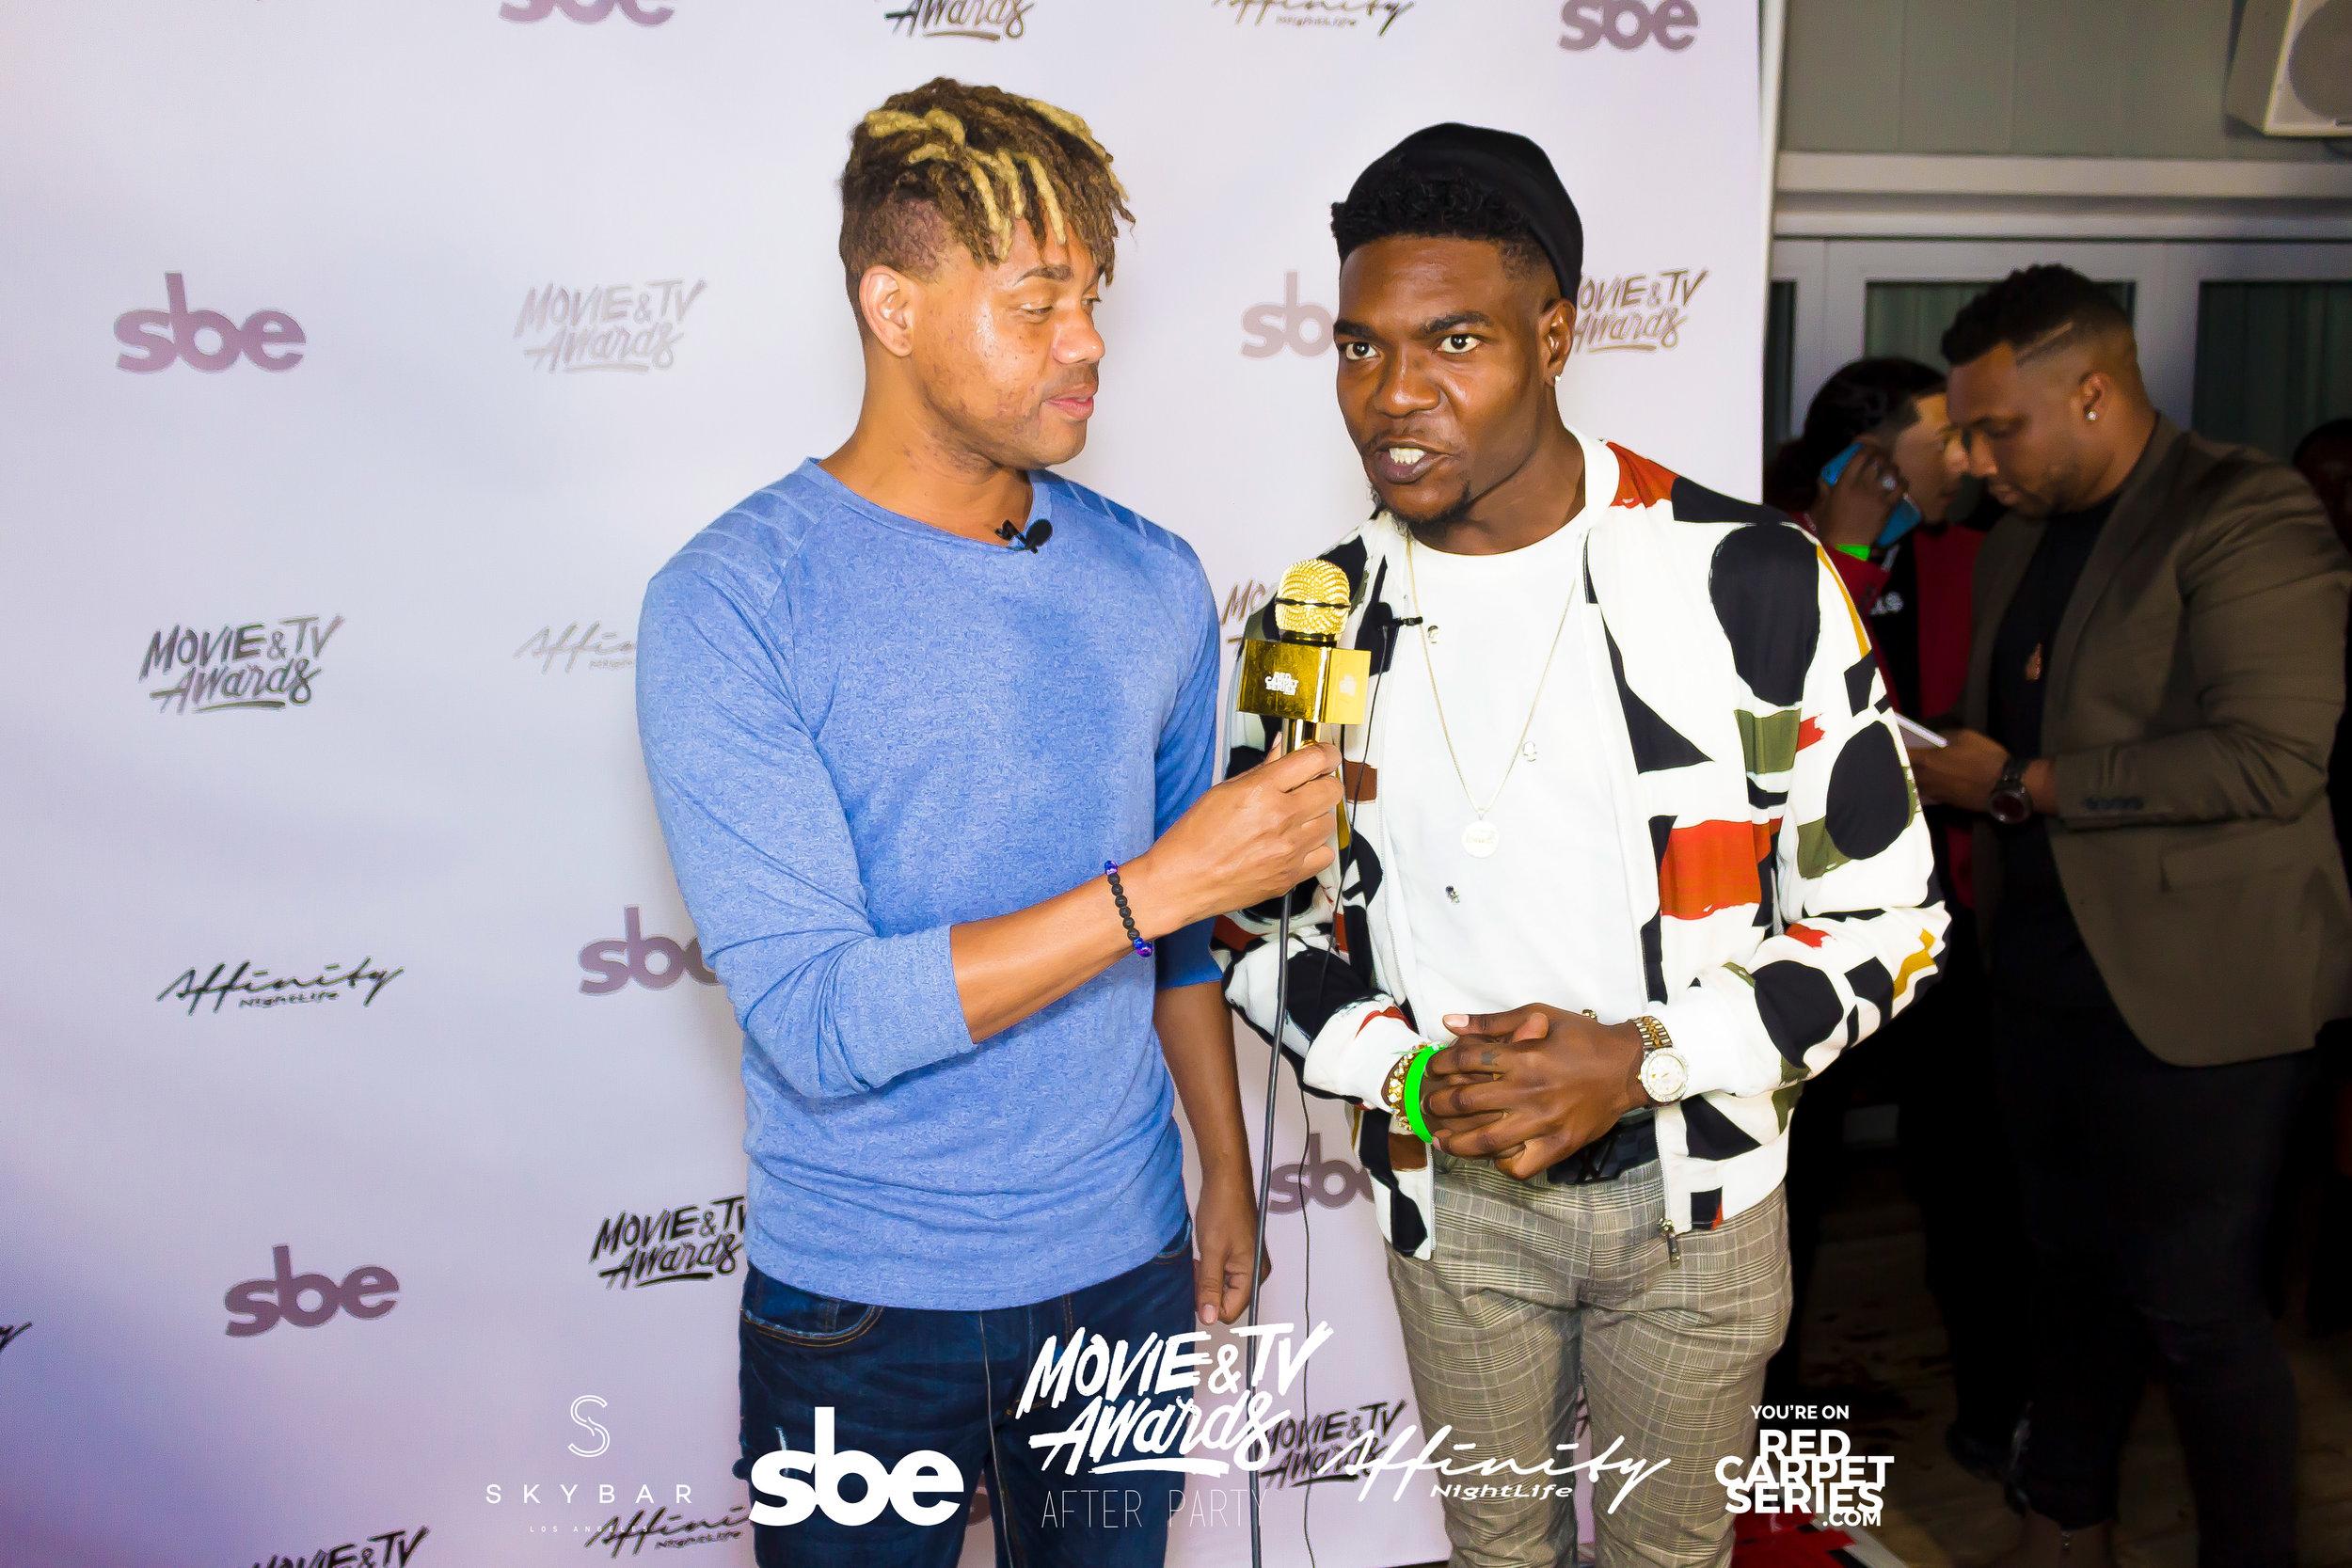 Affinity Nightlife MTV Movie & TV Awards After Party - Skybar at Mondrian - 06-15-19 - Vol. 1_47.jpg